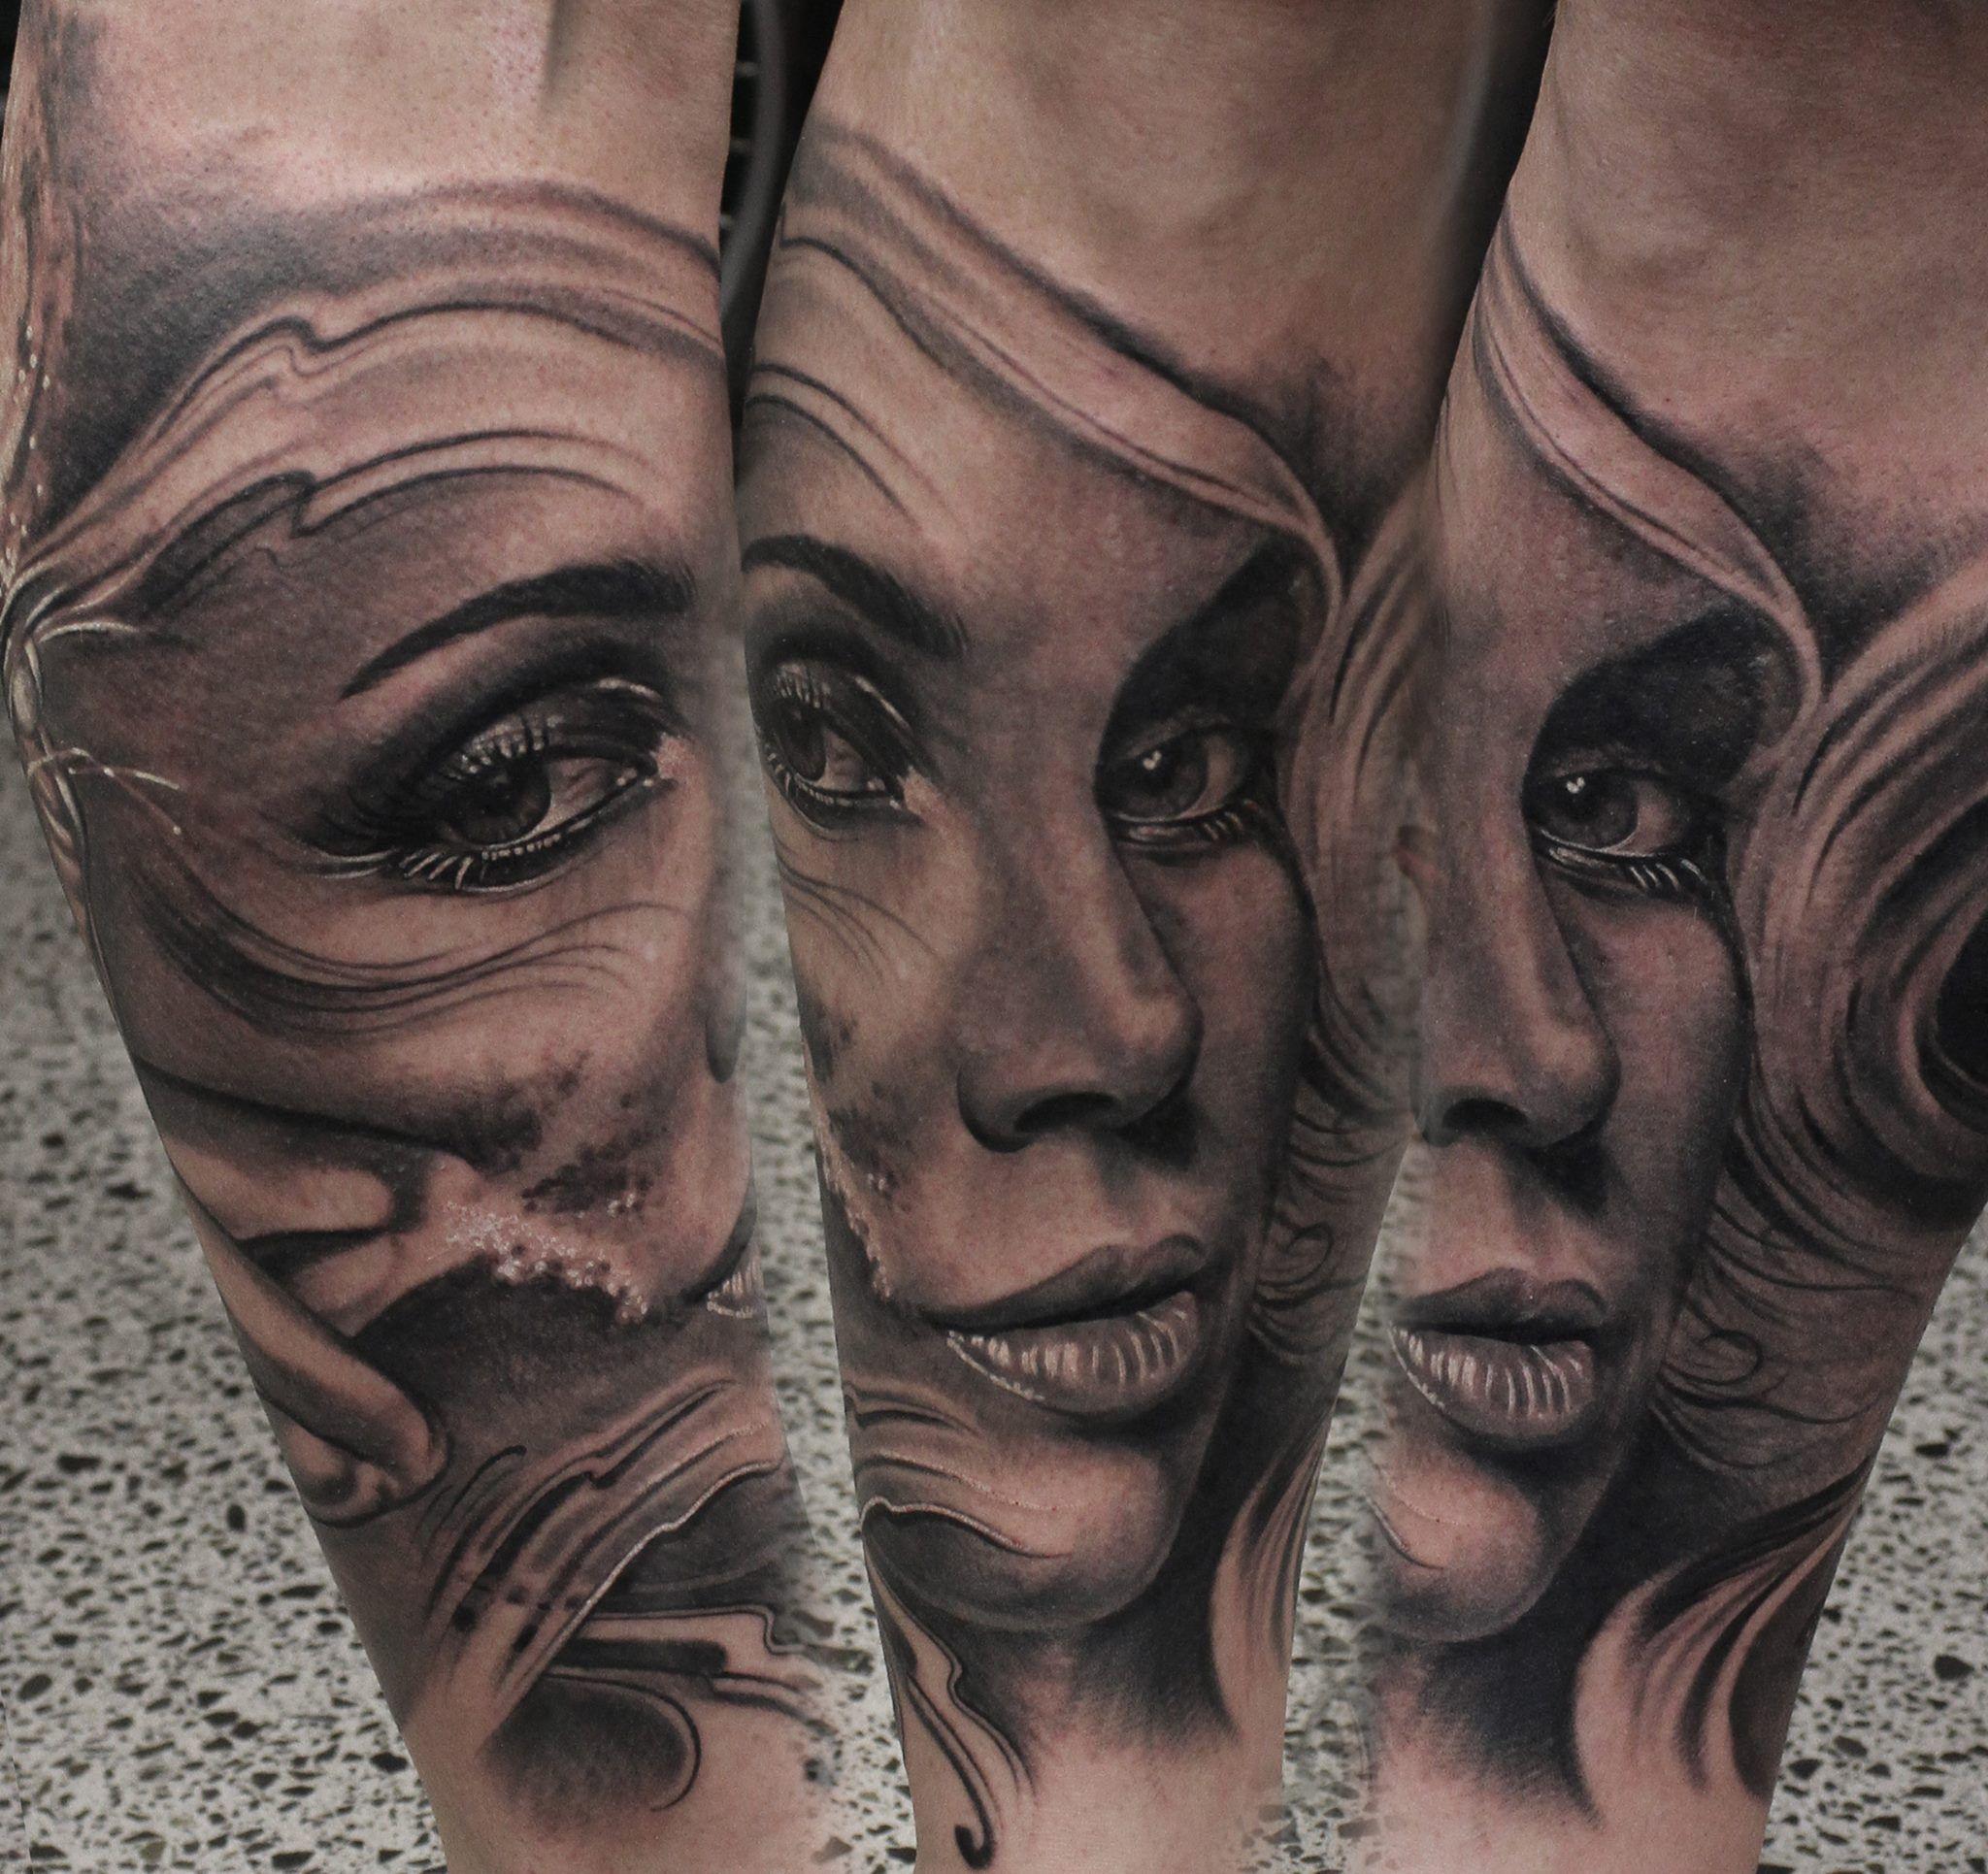 Sick Tattoo Sleeves Dbeadfcdfdb